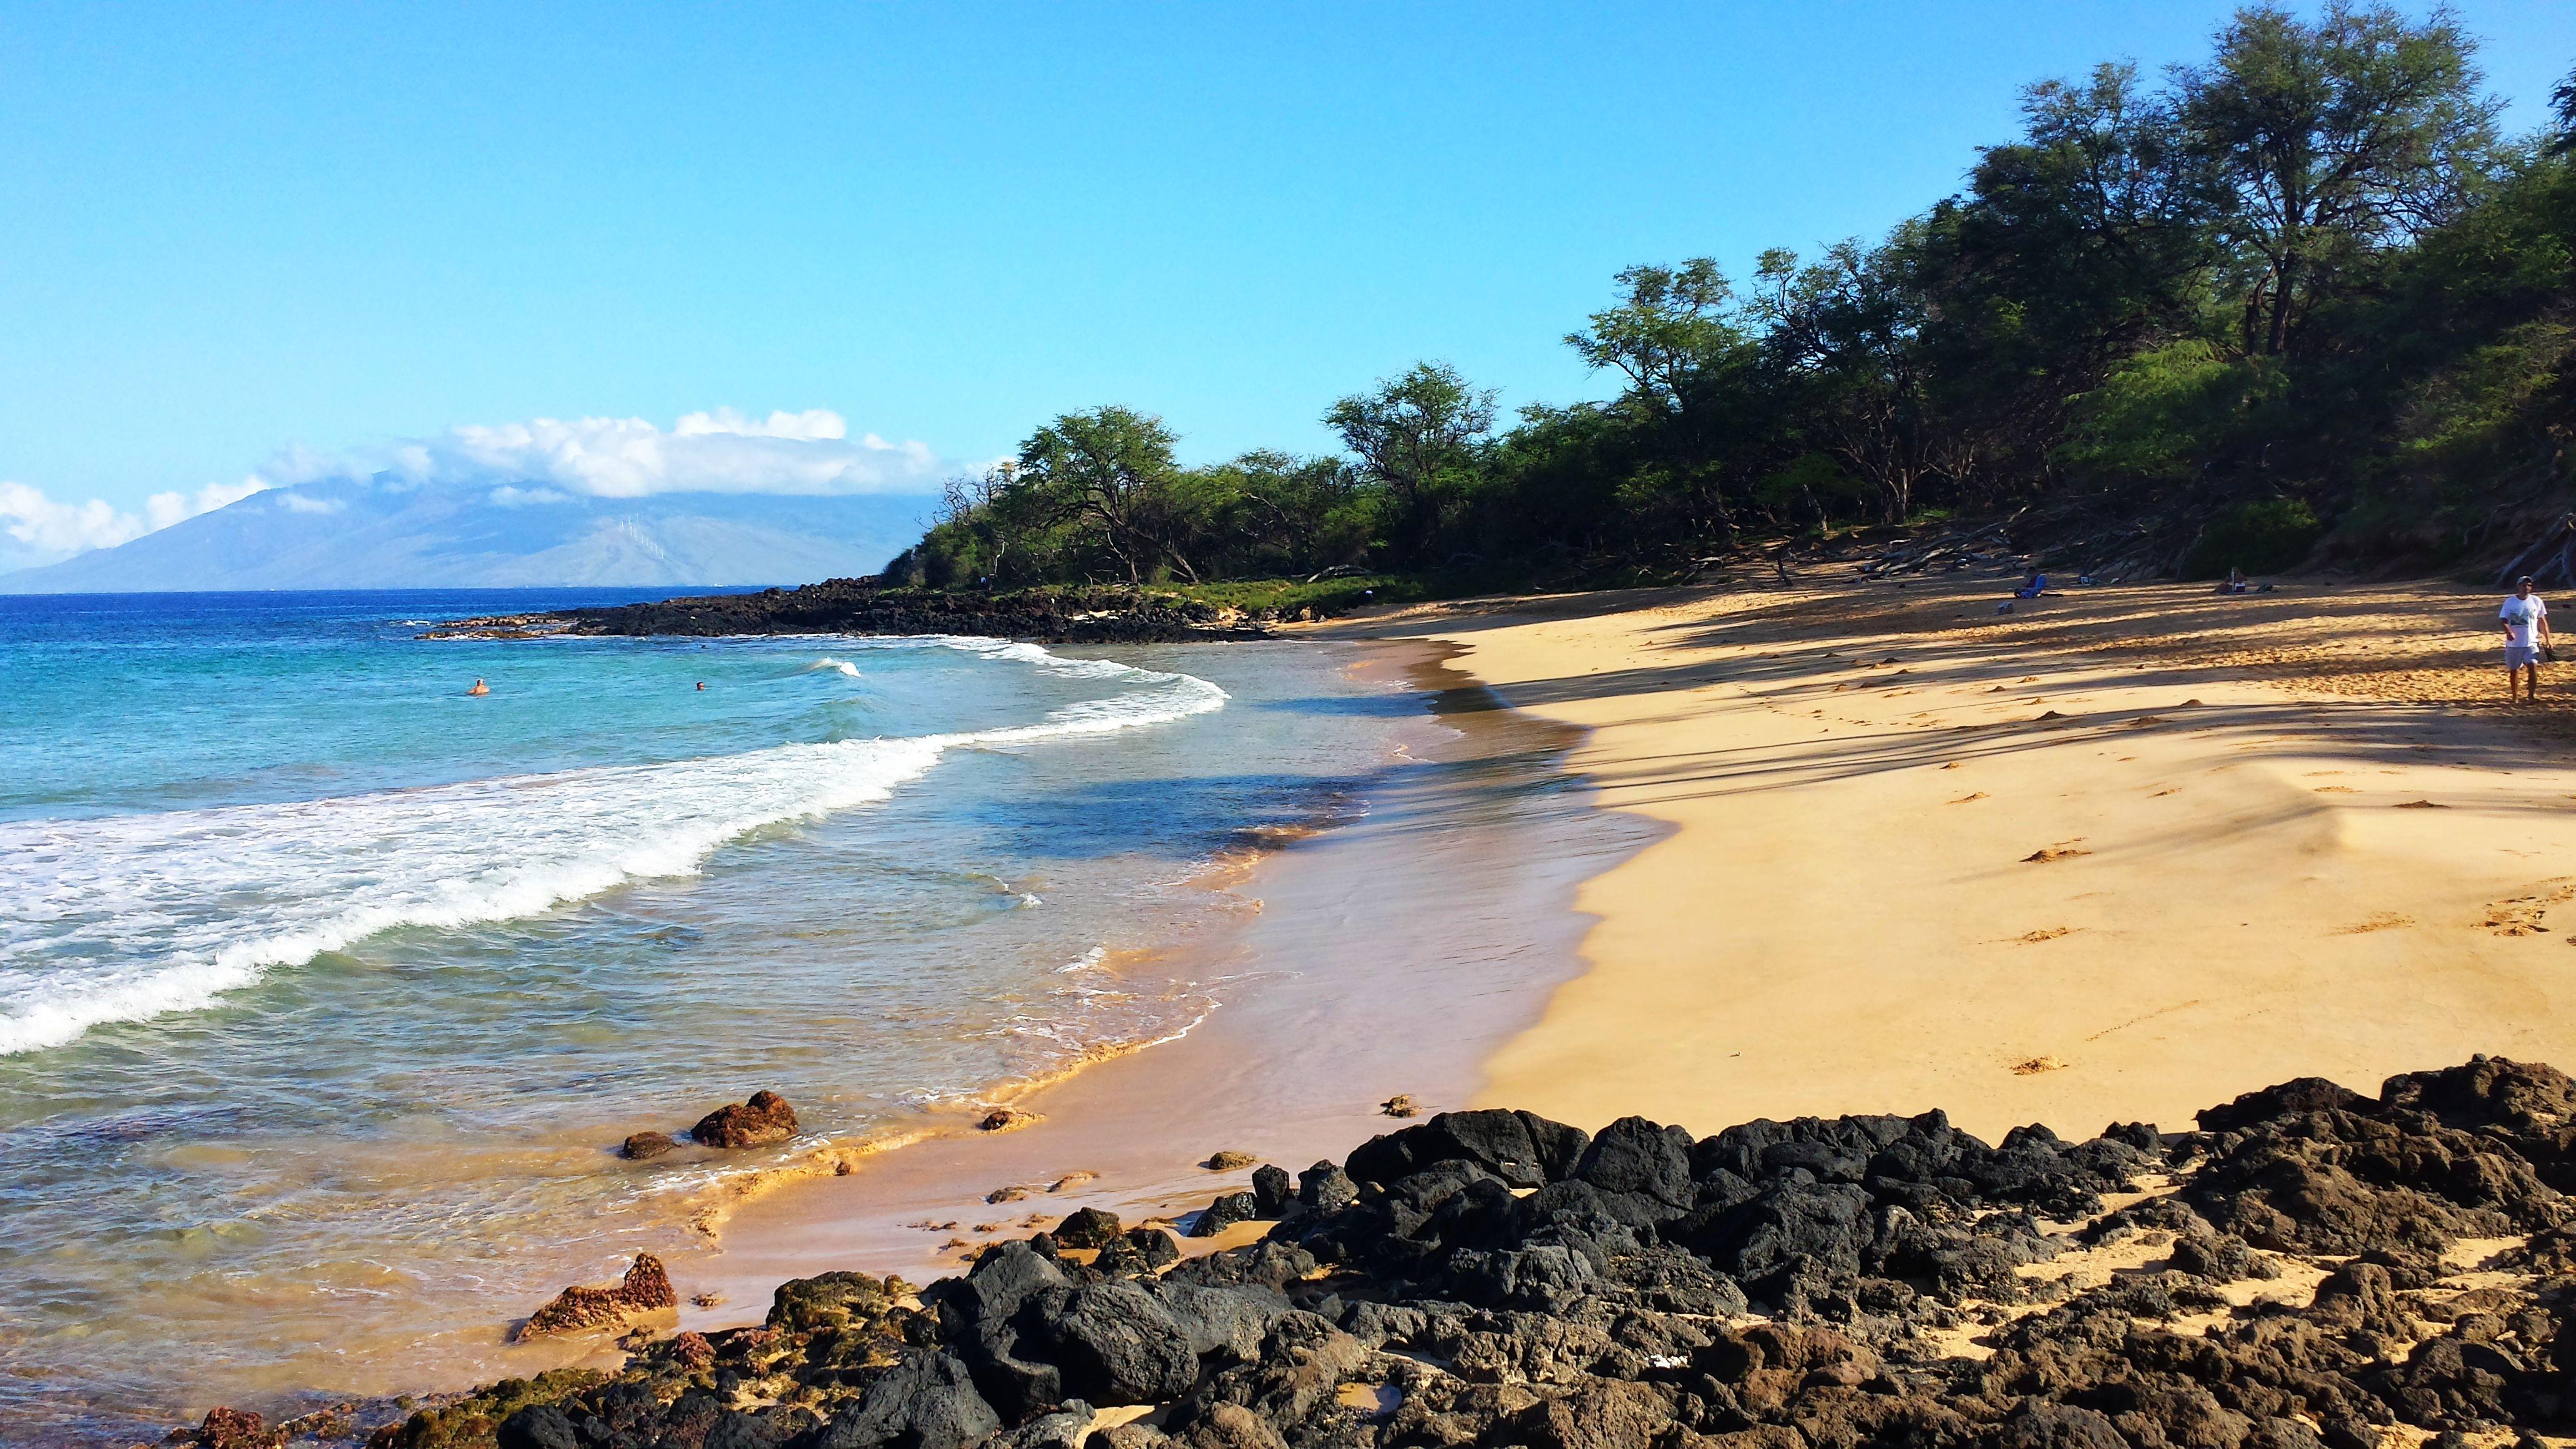 ... +Makena+Maui Makena, Maui, Hawaii | Maui Real Estate, Living On Maui